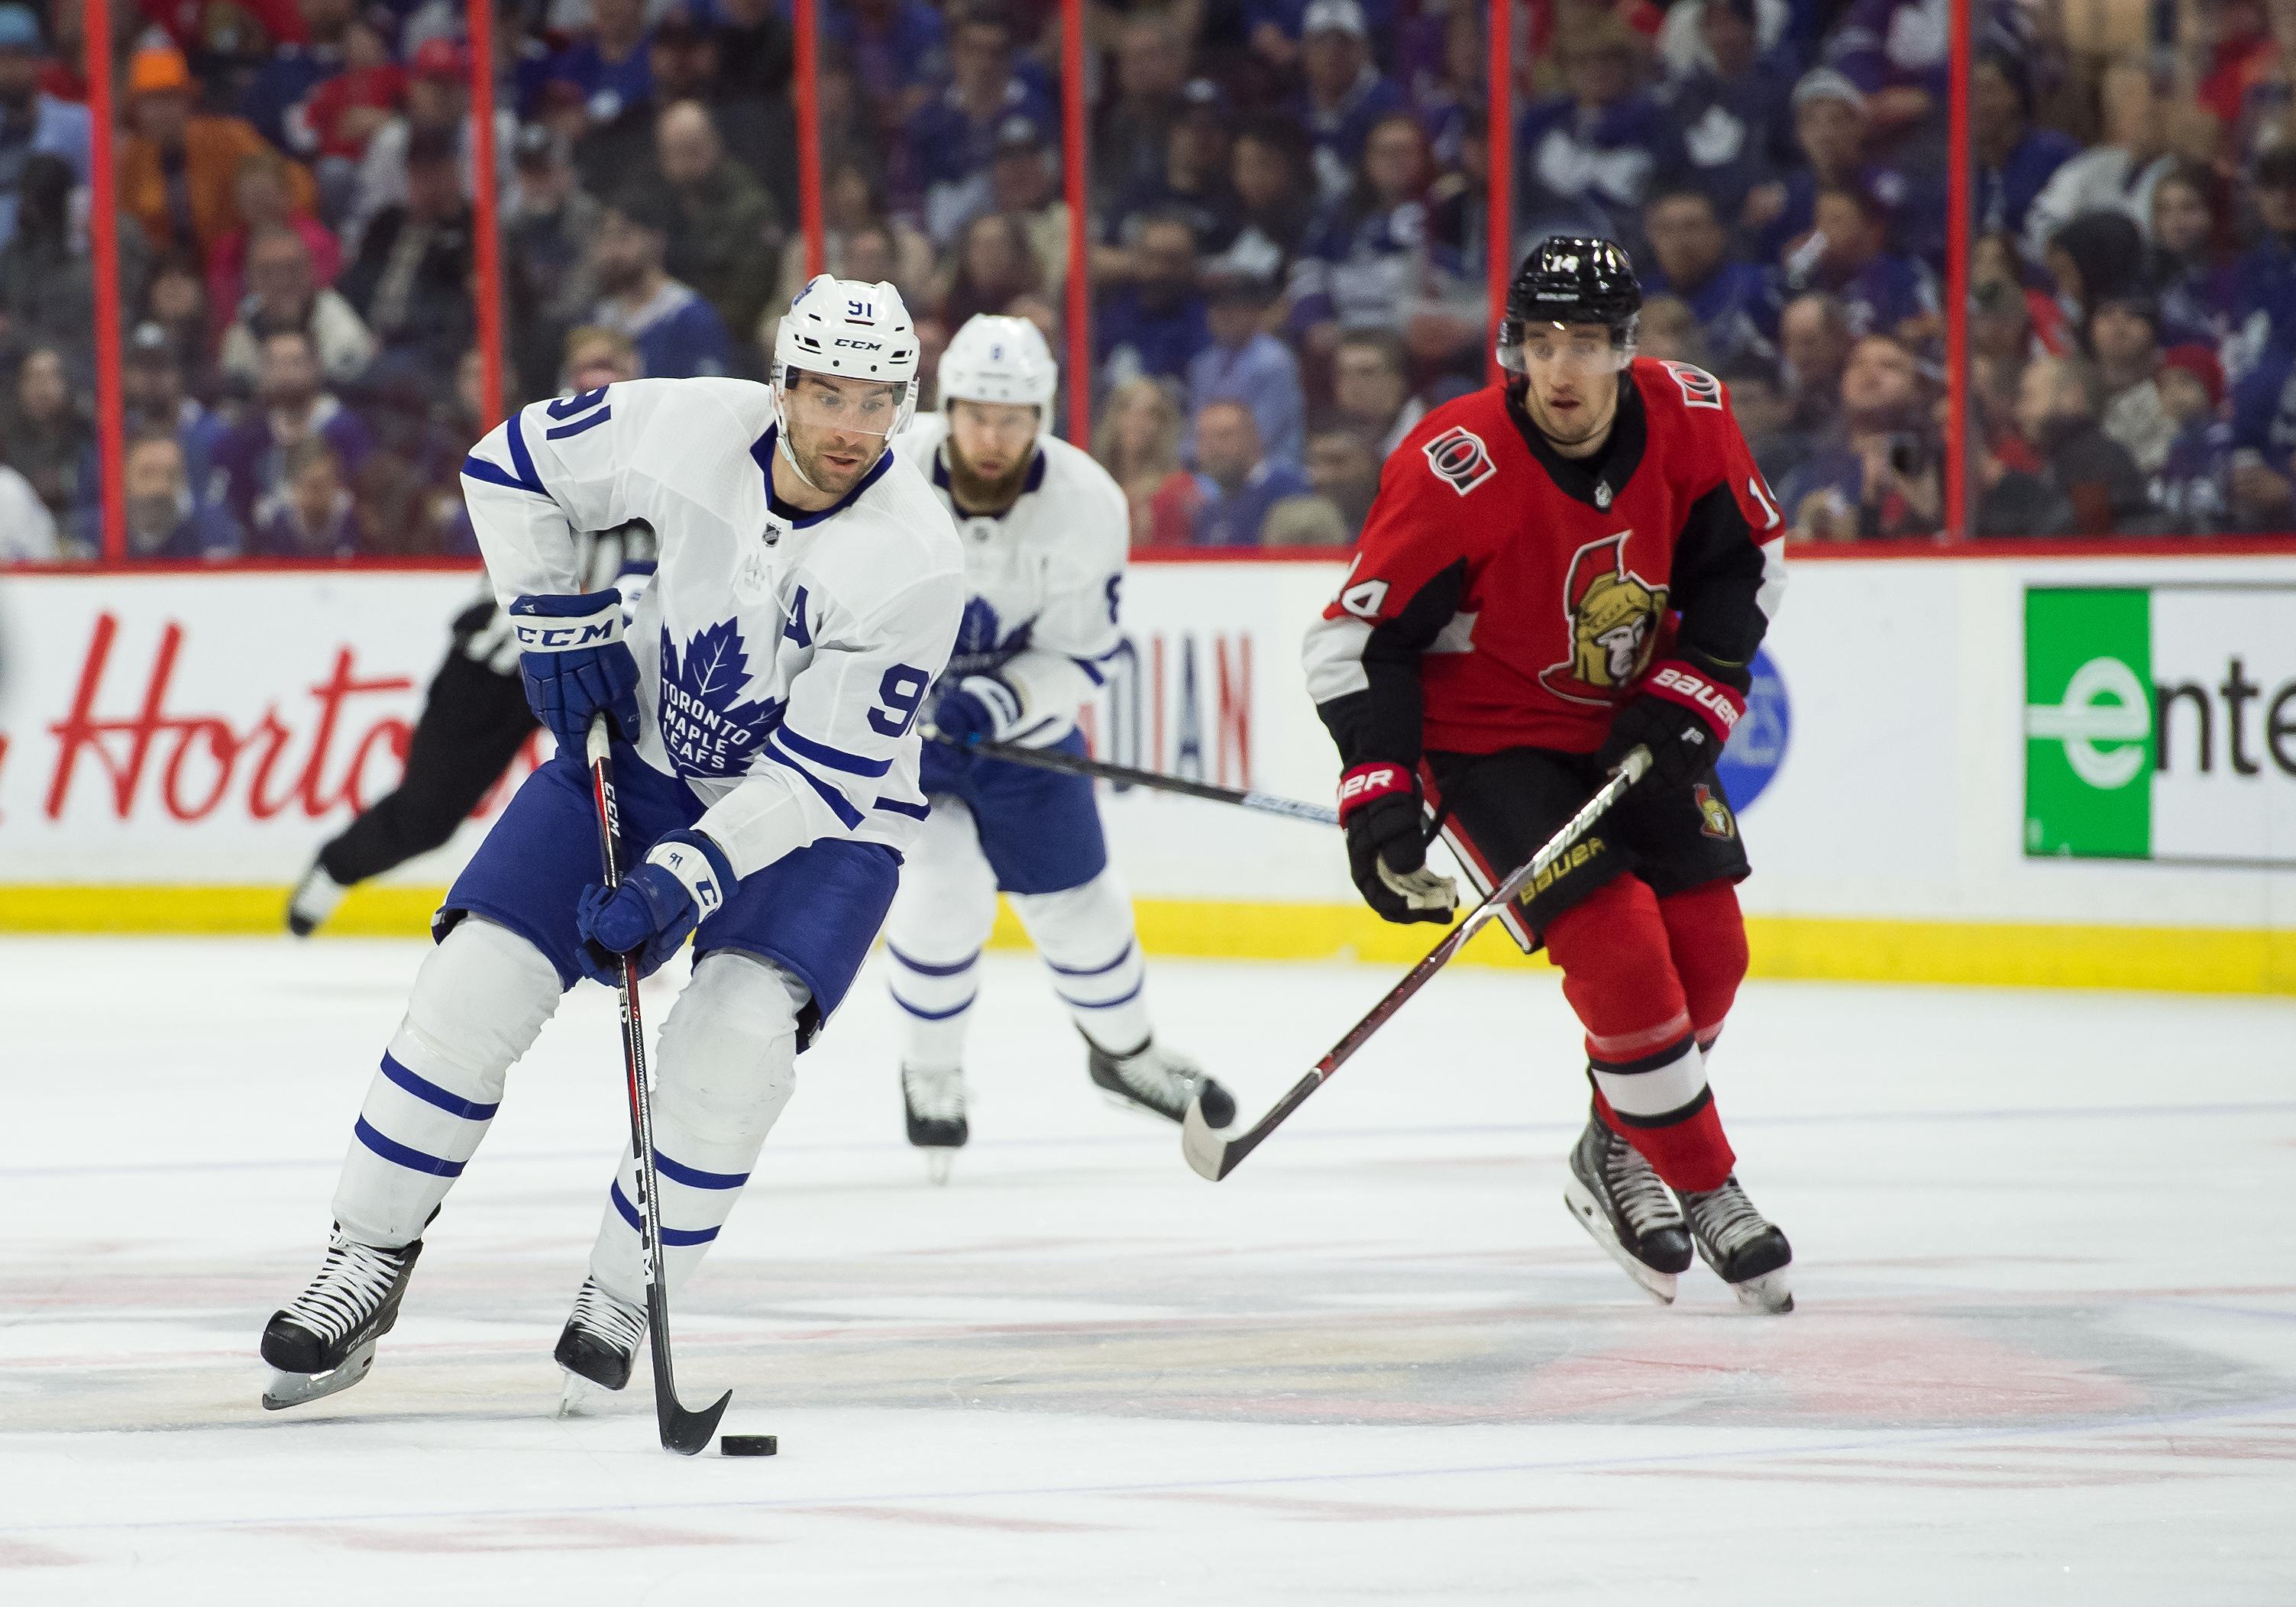 NHL: MAR 30 Leafs at Senators